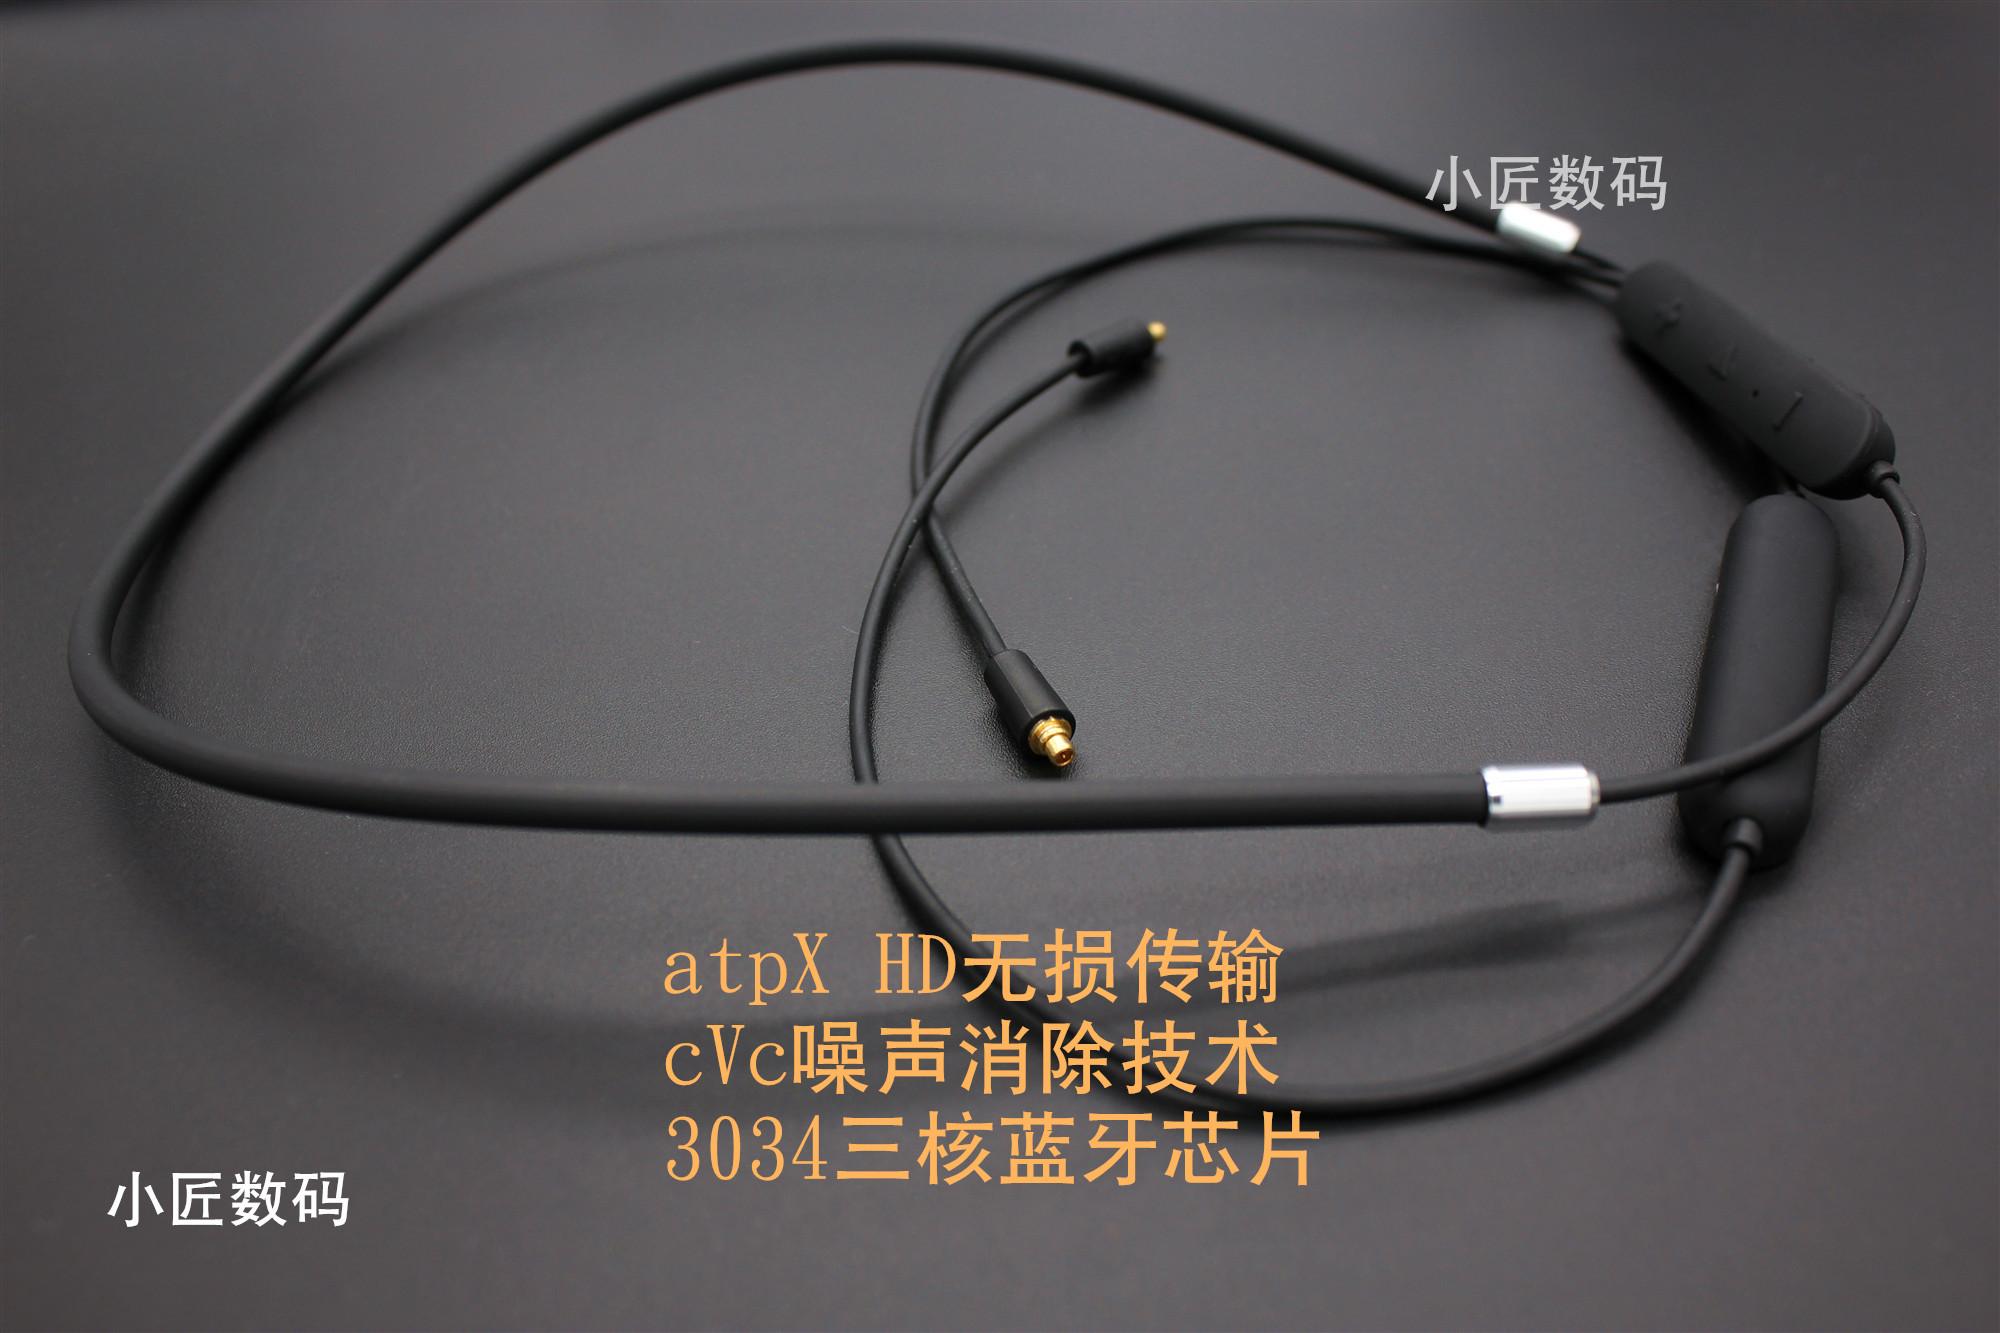 5.0蓝牙 QCC3034 运动蓝牙耳机线 mmcx 无损 APTH-HD diy耳机配件